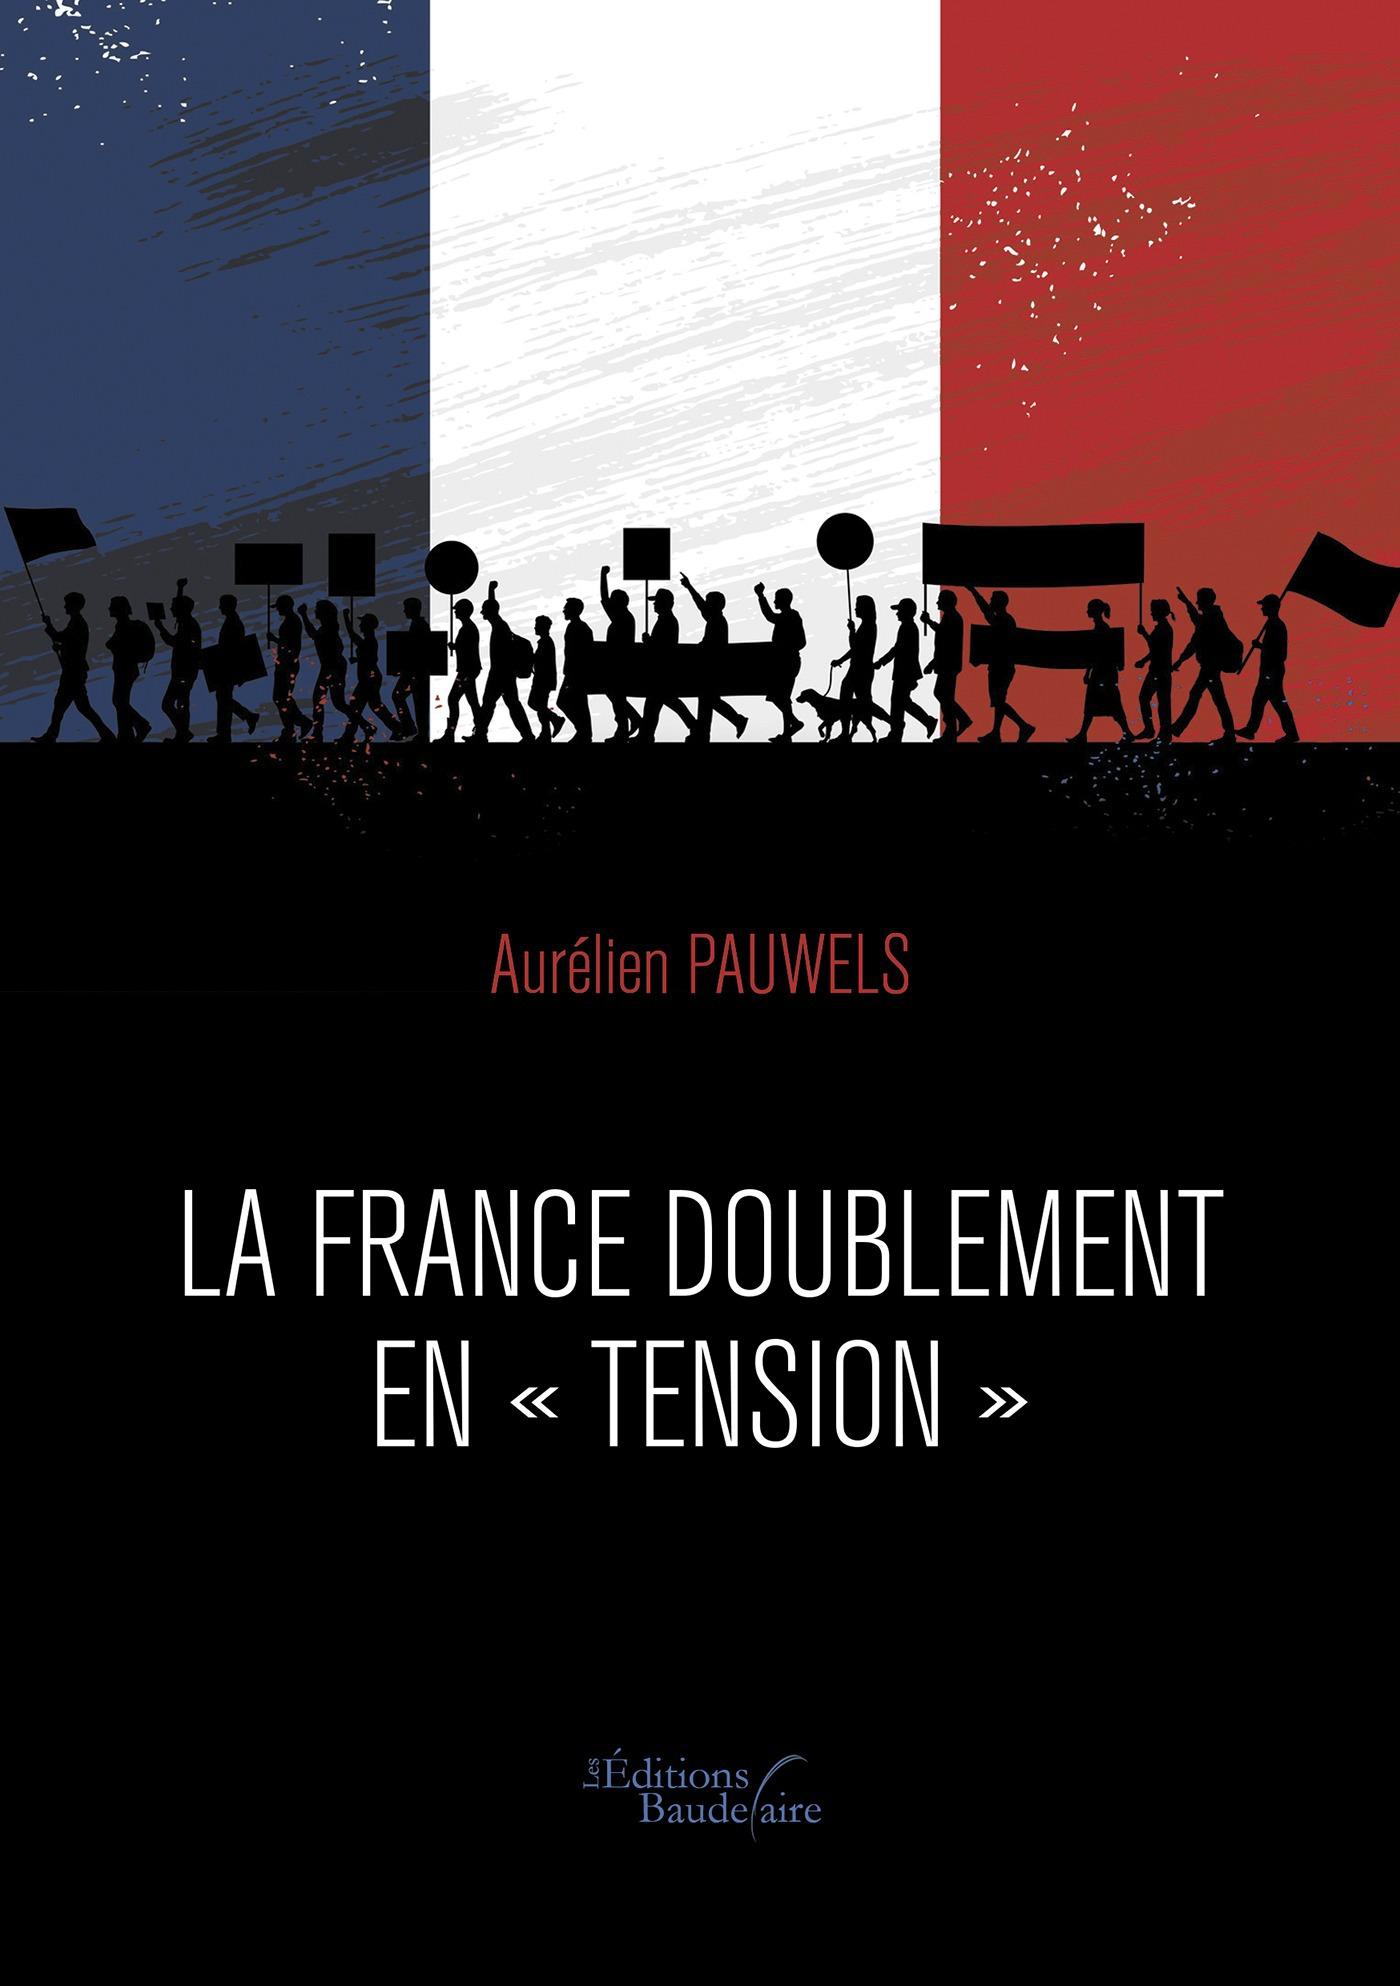 La France doublement en tension